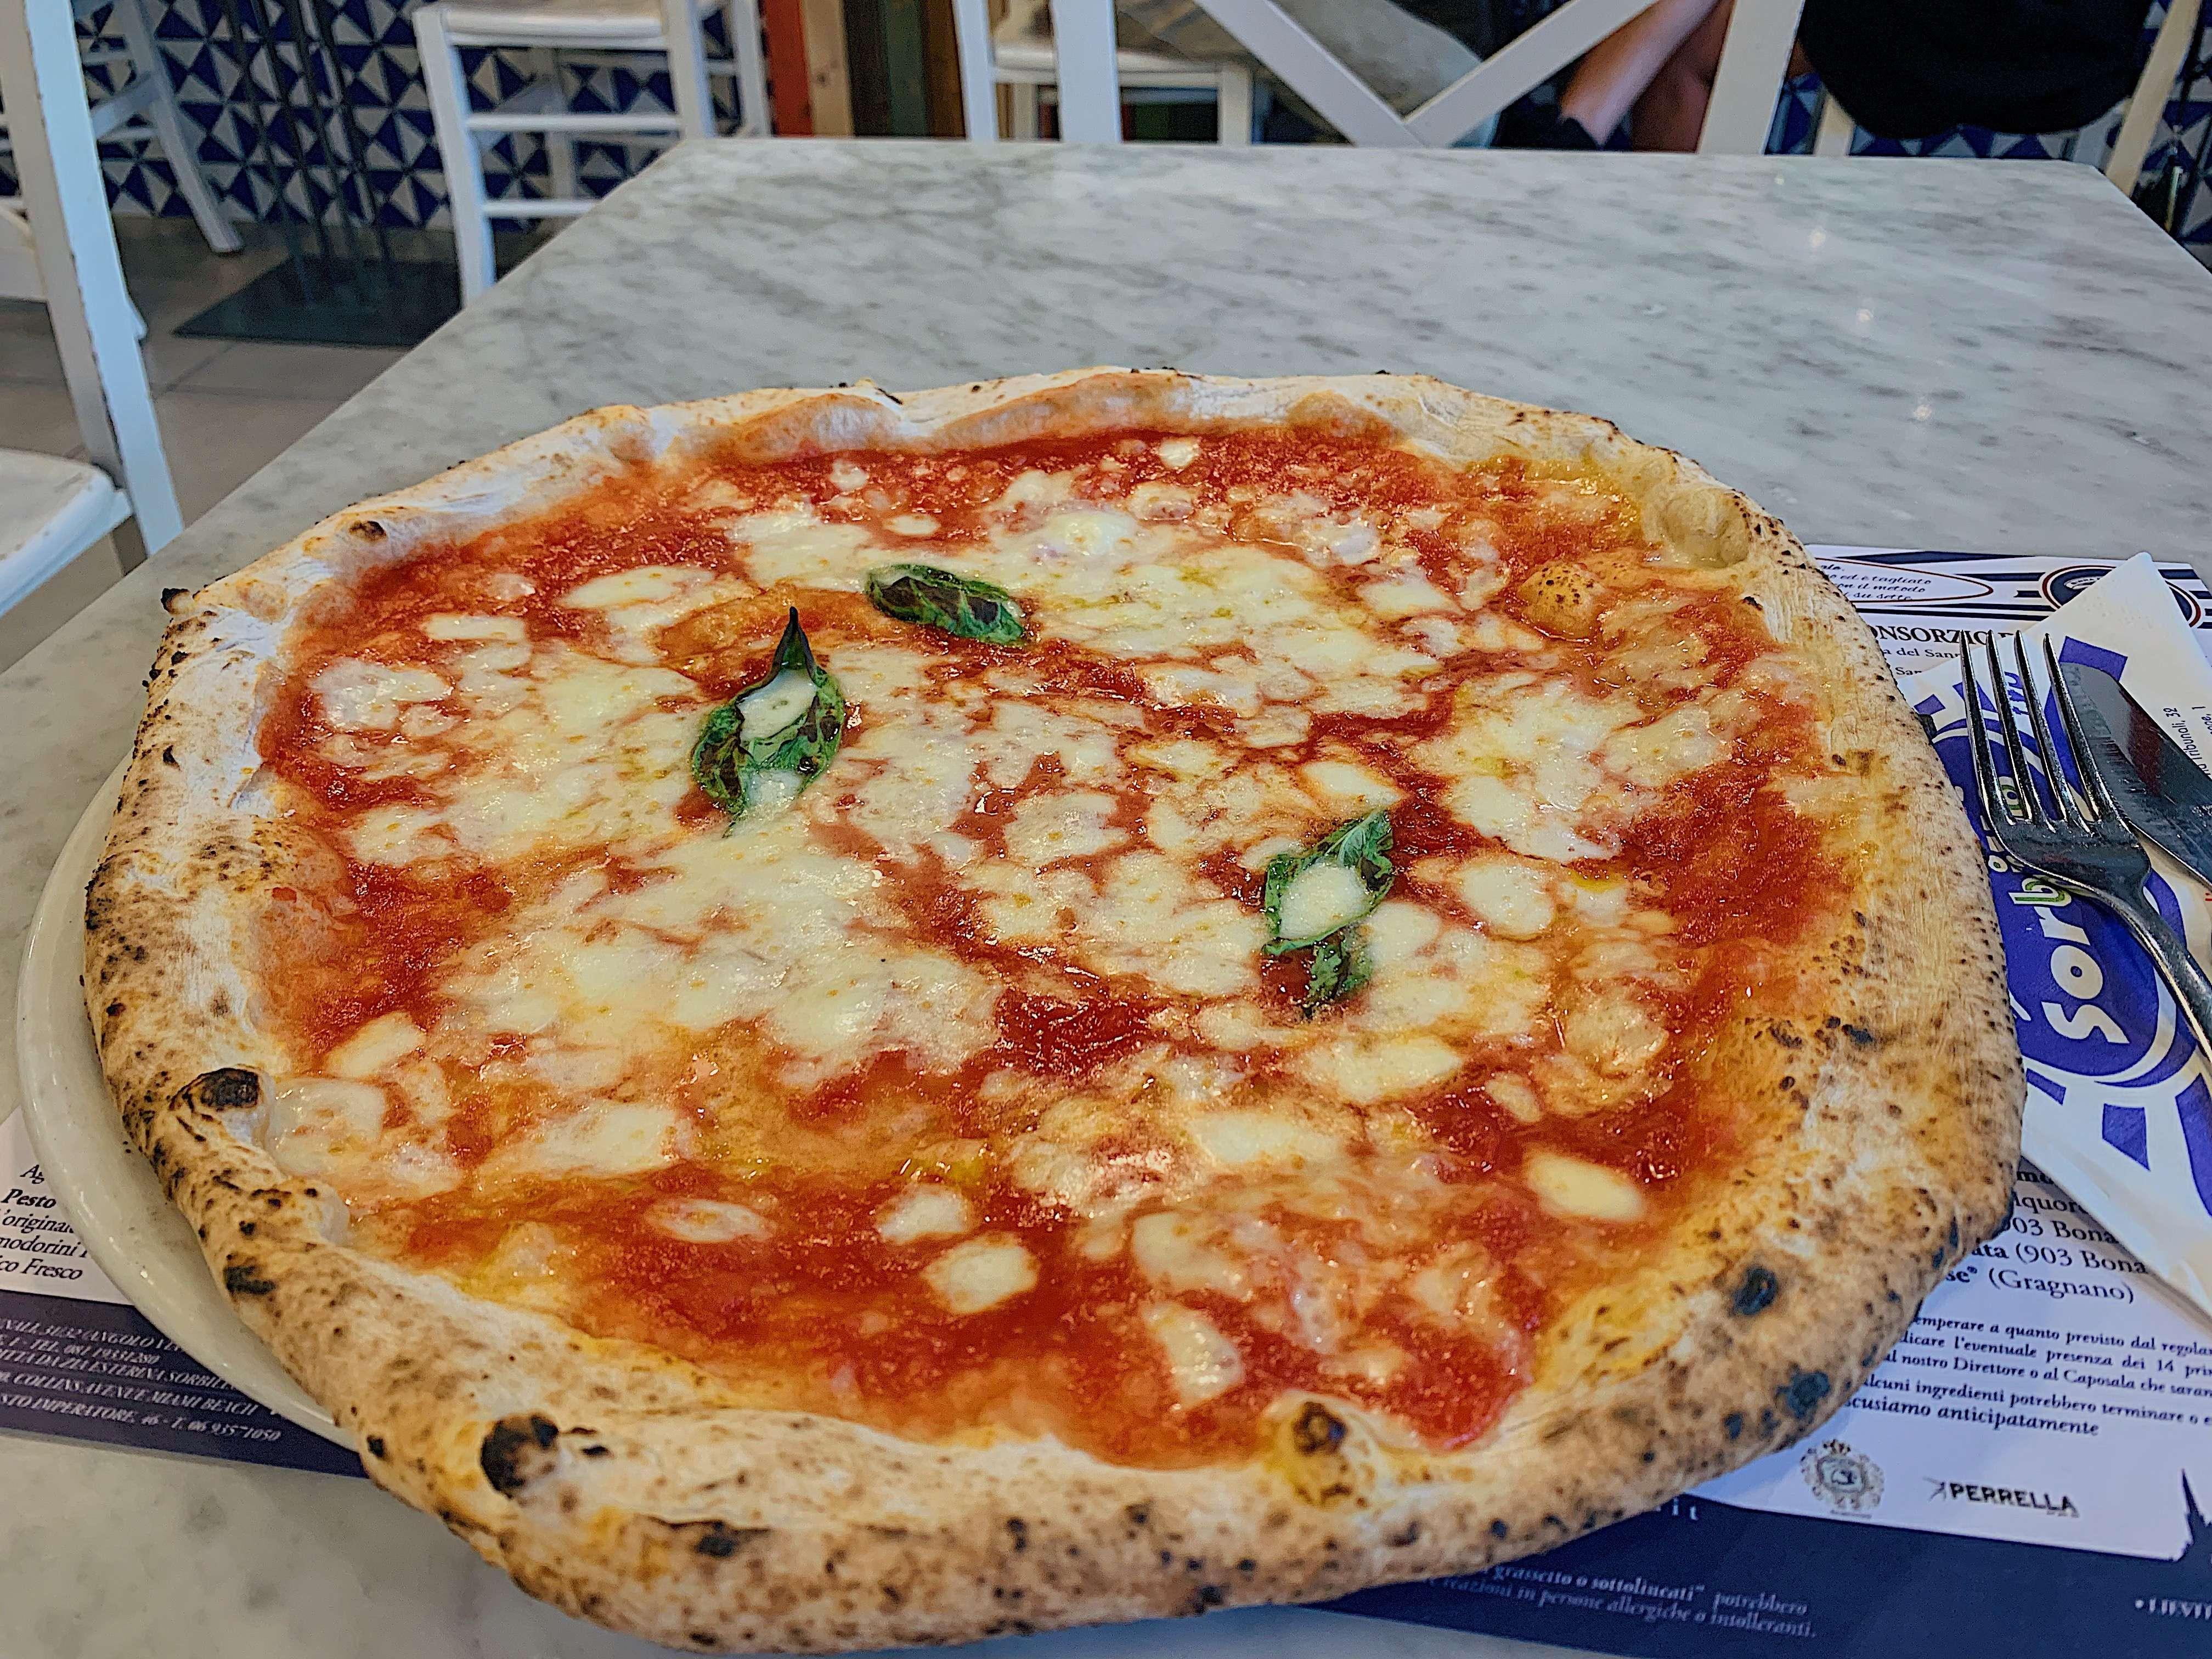 Pizzeria Gino Sorbillo - Lievito Madre al Duomo